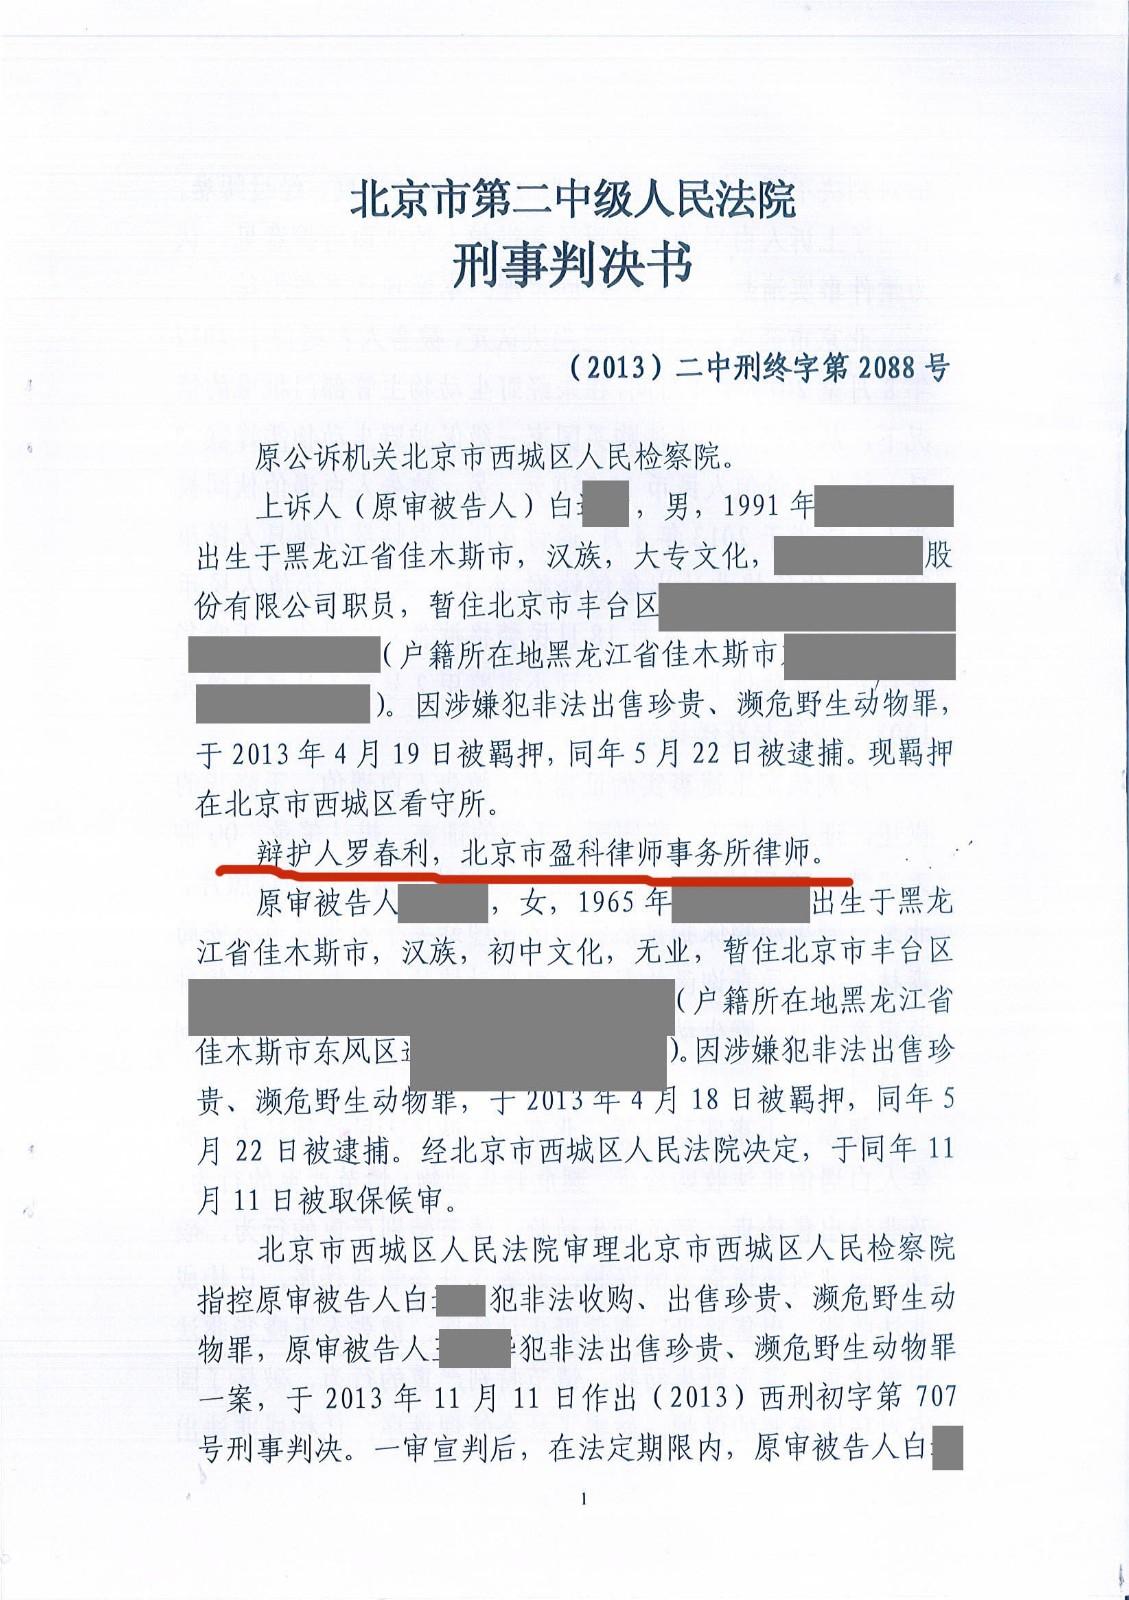 白遇伯刑事判决书(2013)二中刑终字第2088号-111.jpg